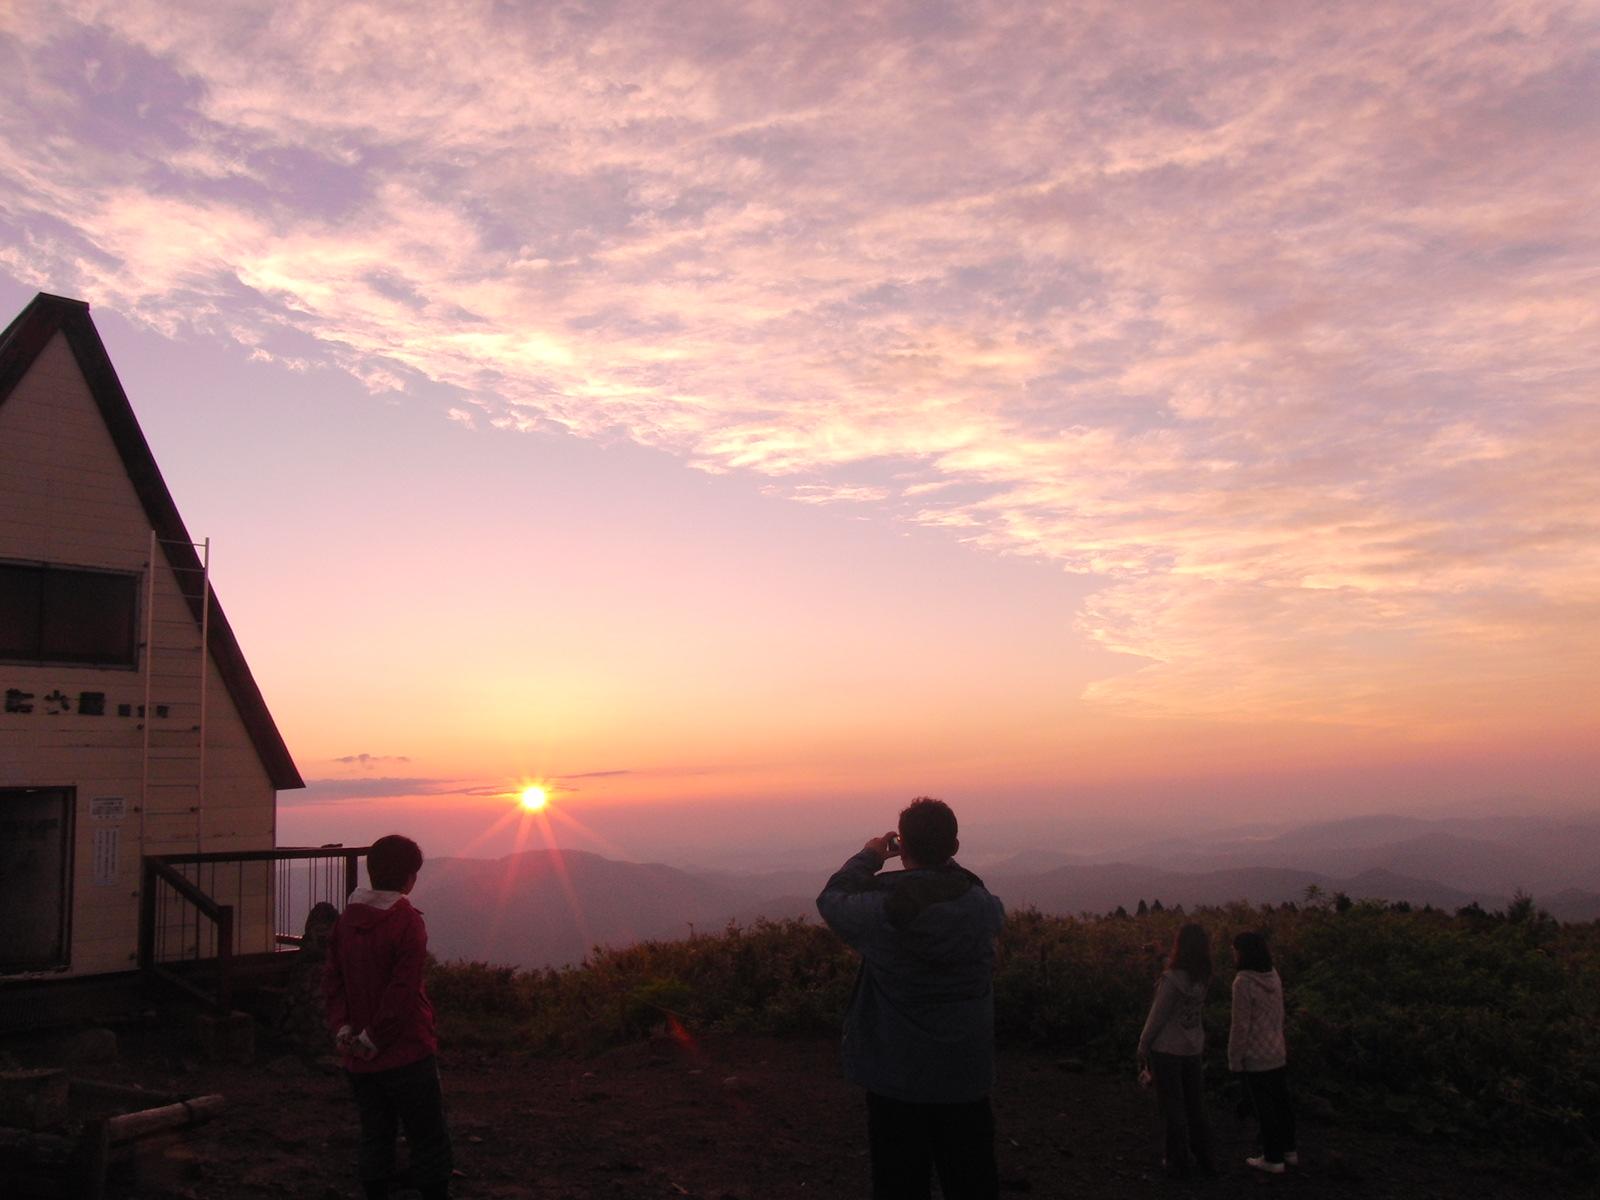 氷ノ山より朝日をプレゼント!_f0101226_10404135.jpg